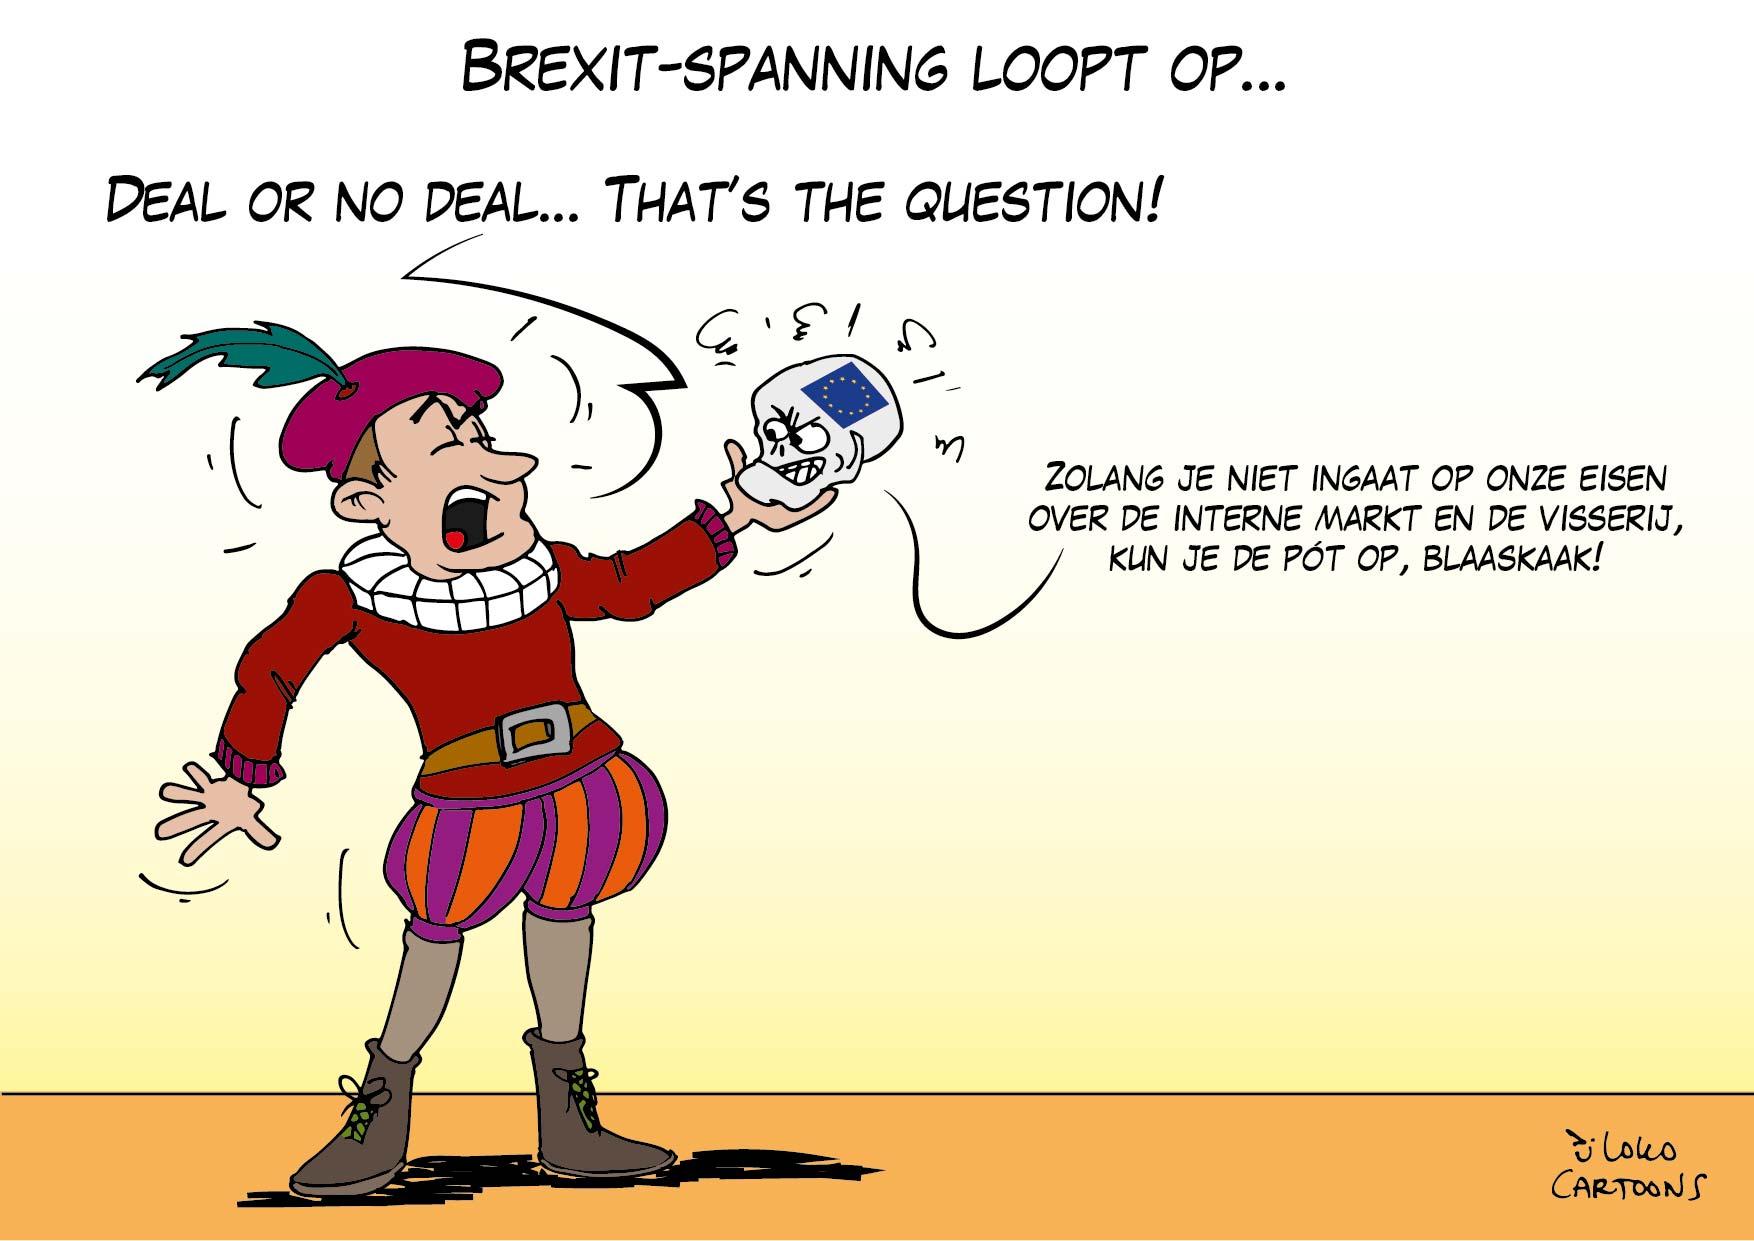 Brexit-spanning loopt op …